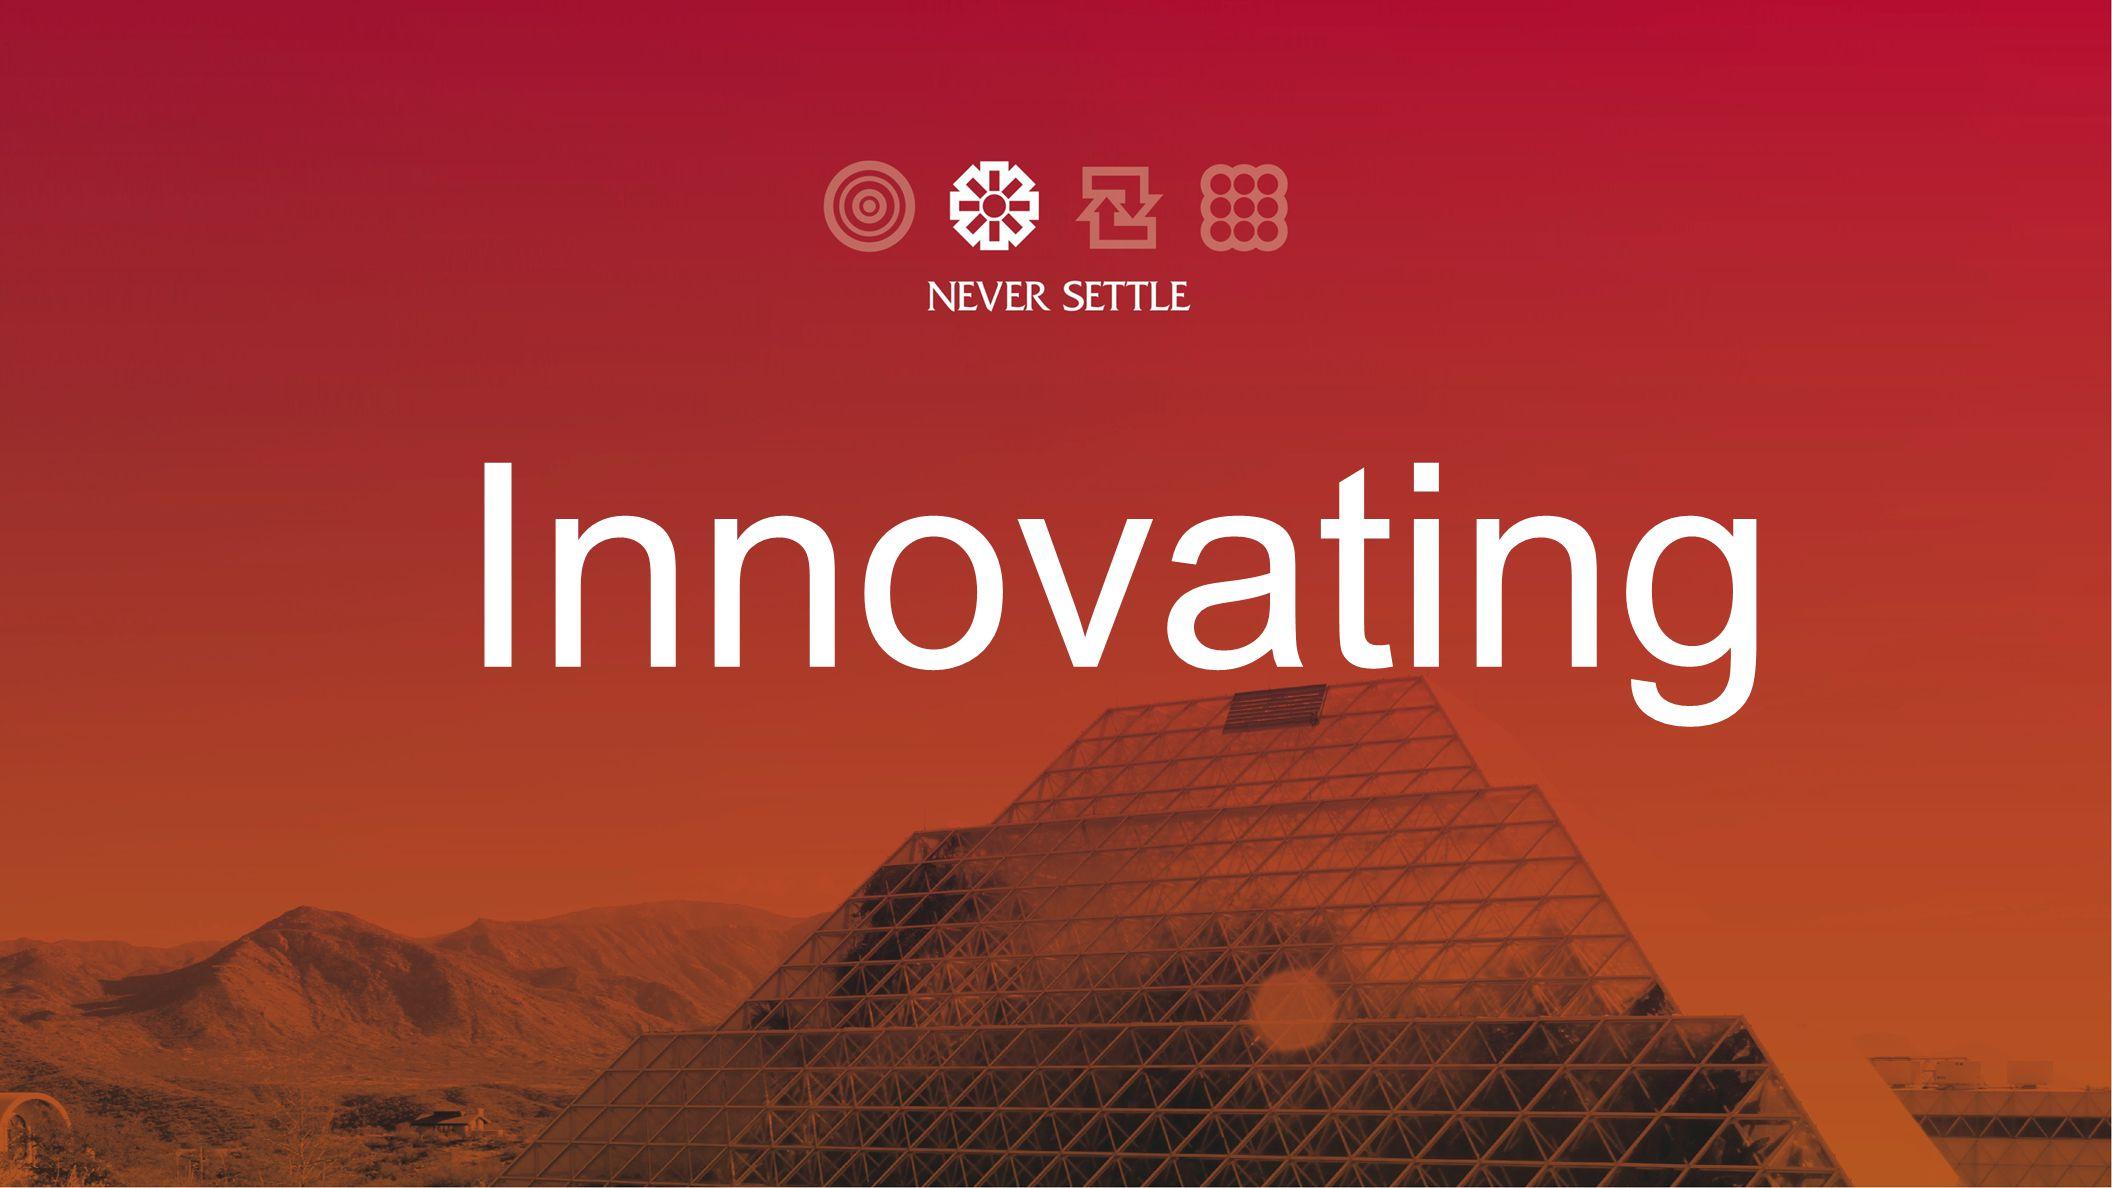 Innovating